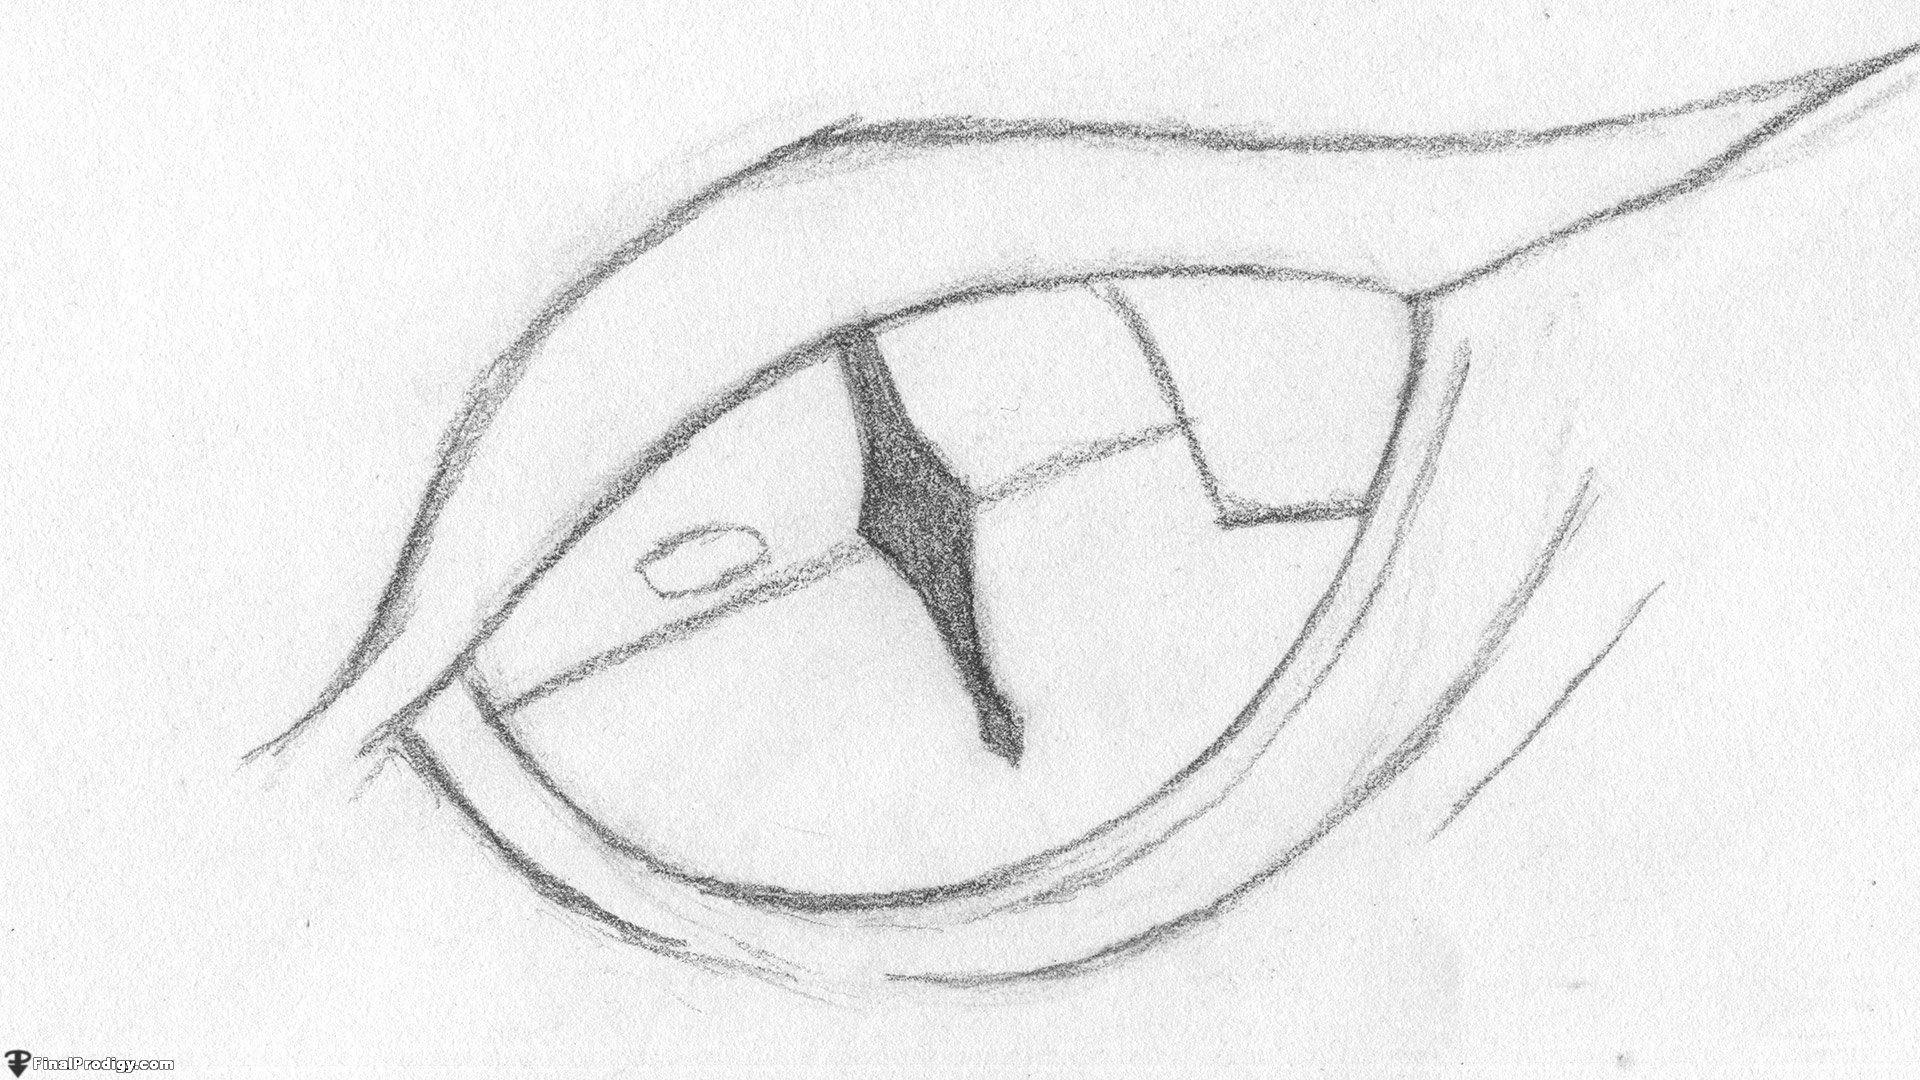 Dragon Eye Drawing Easy How to Draw A Dragon Eye Smaug S Eye Finalprodigy Com